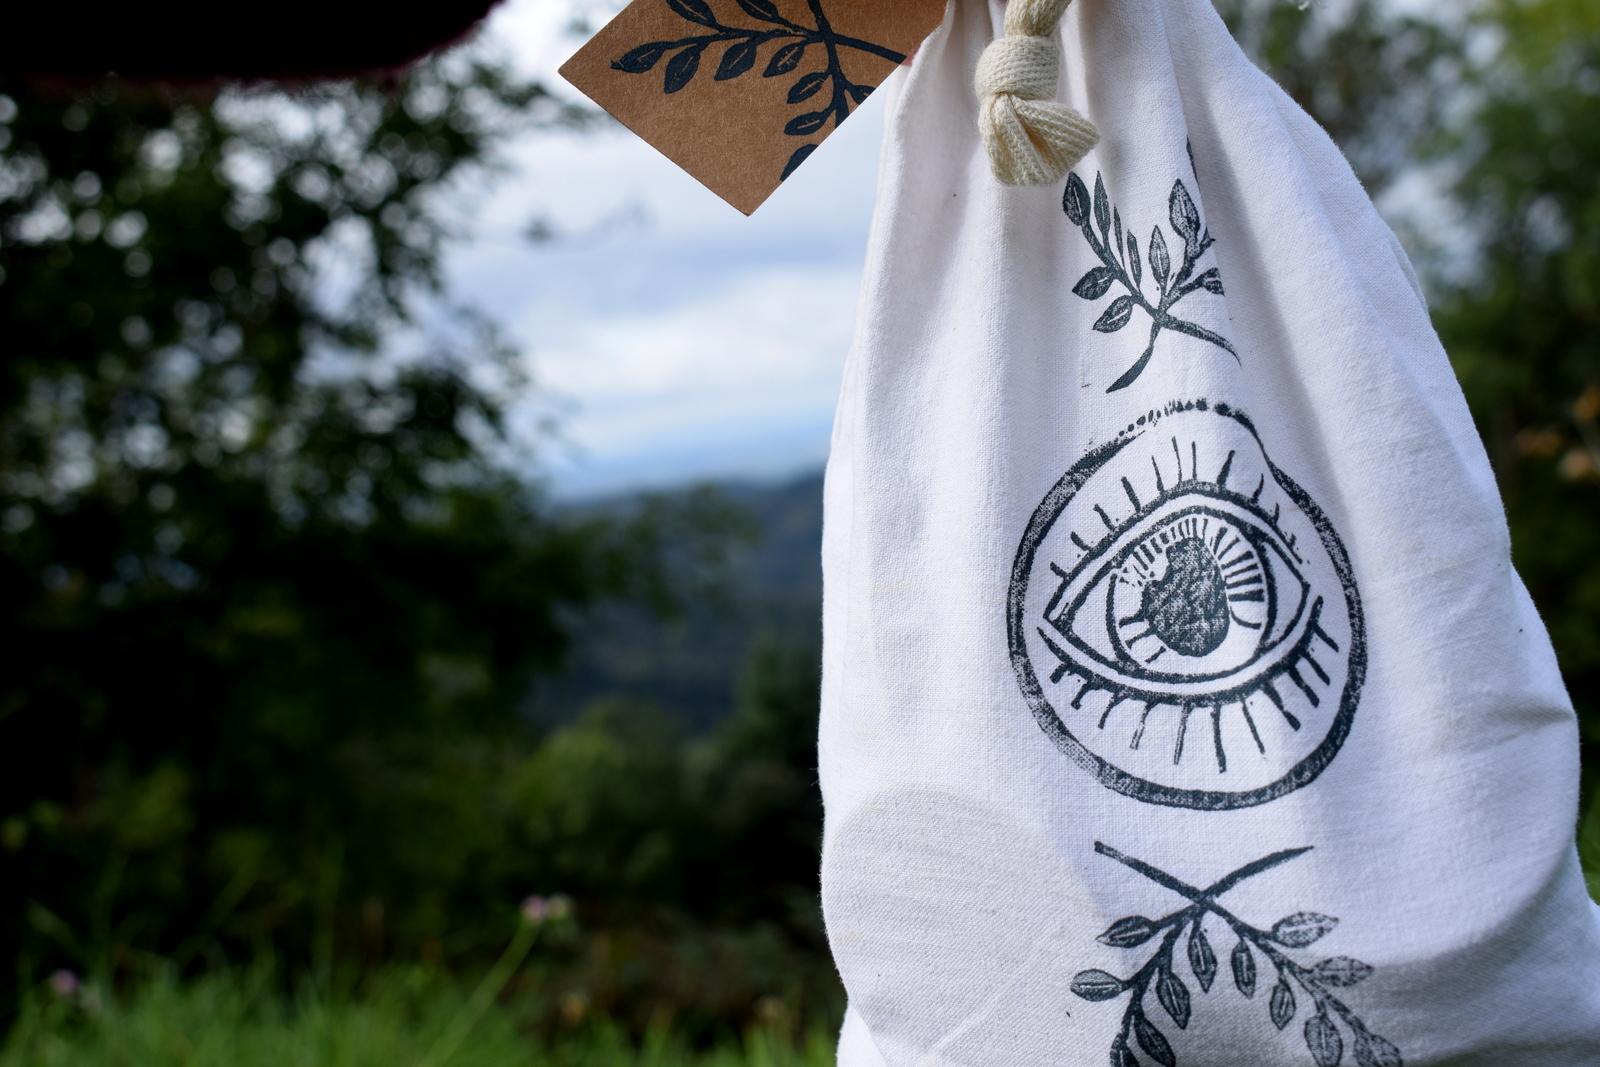 jeu_paires_memory_enfant_bois_ecologique_durable_artisanal_handmade_linogravure_atelier_lousparel_mémoire_local_made_in_france